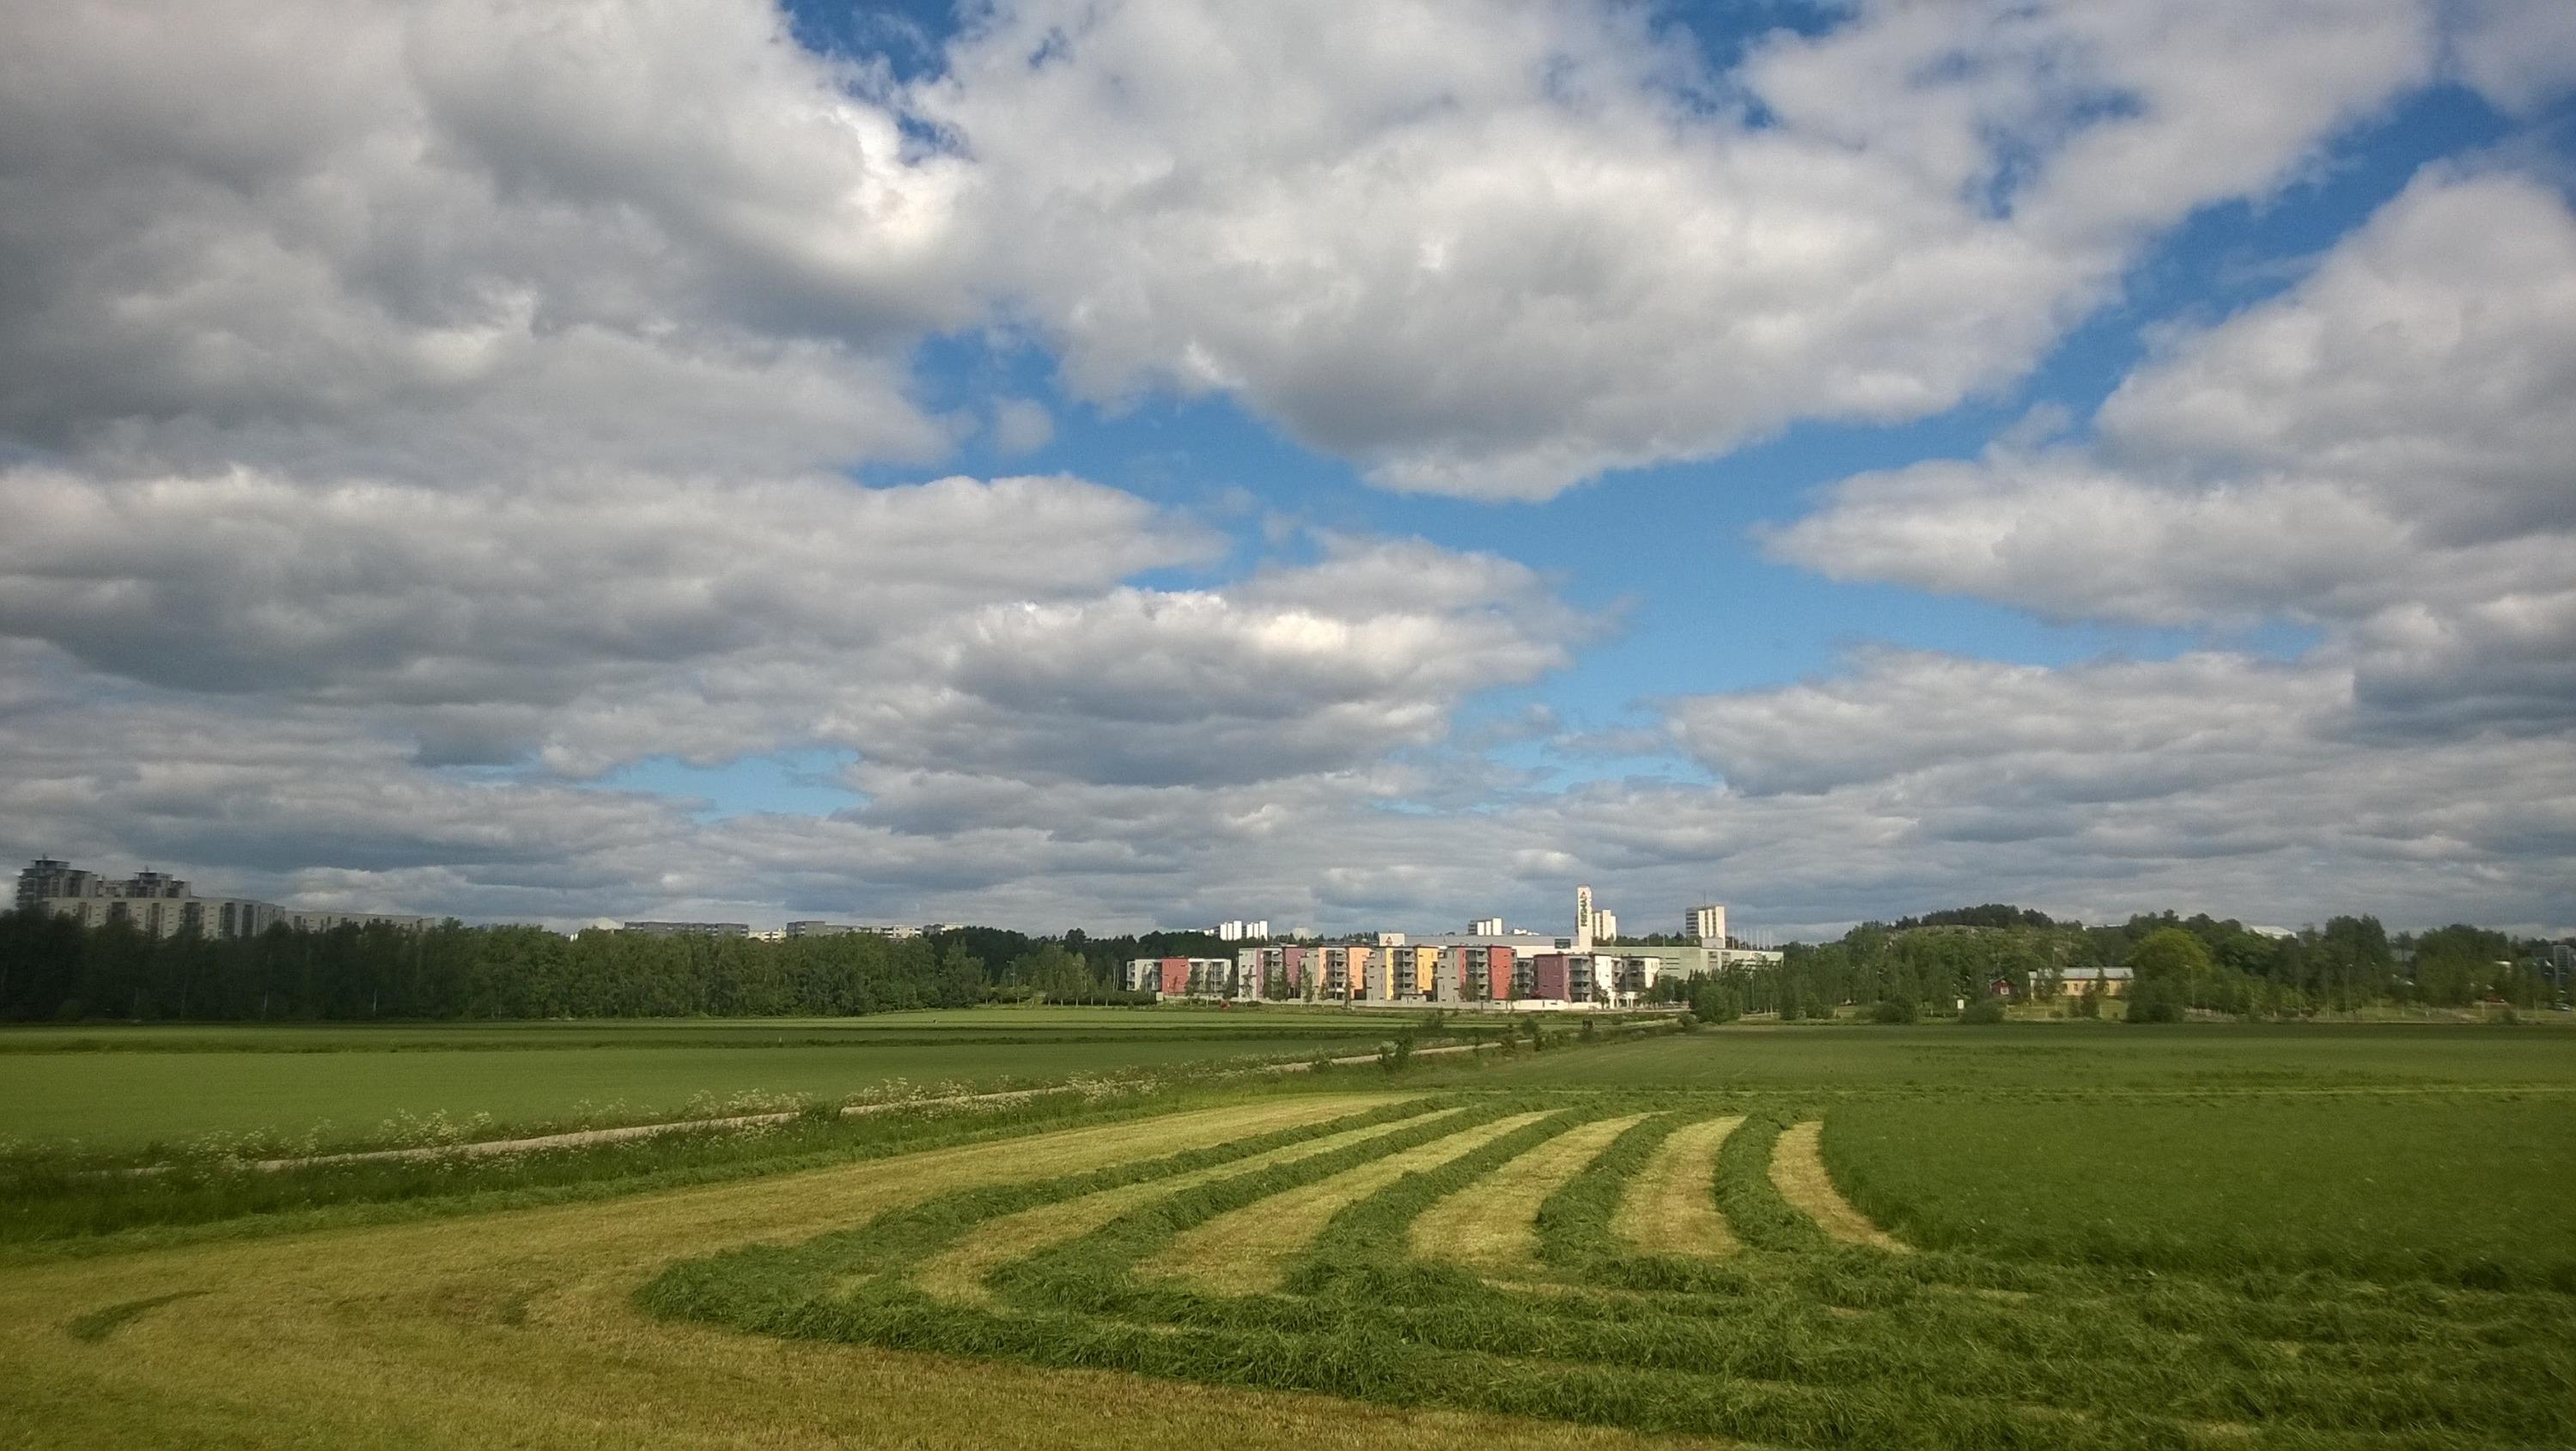 Район Биоцентра Виикки, на полях выращивают экспериментальные культуры